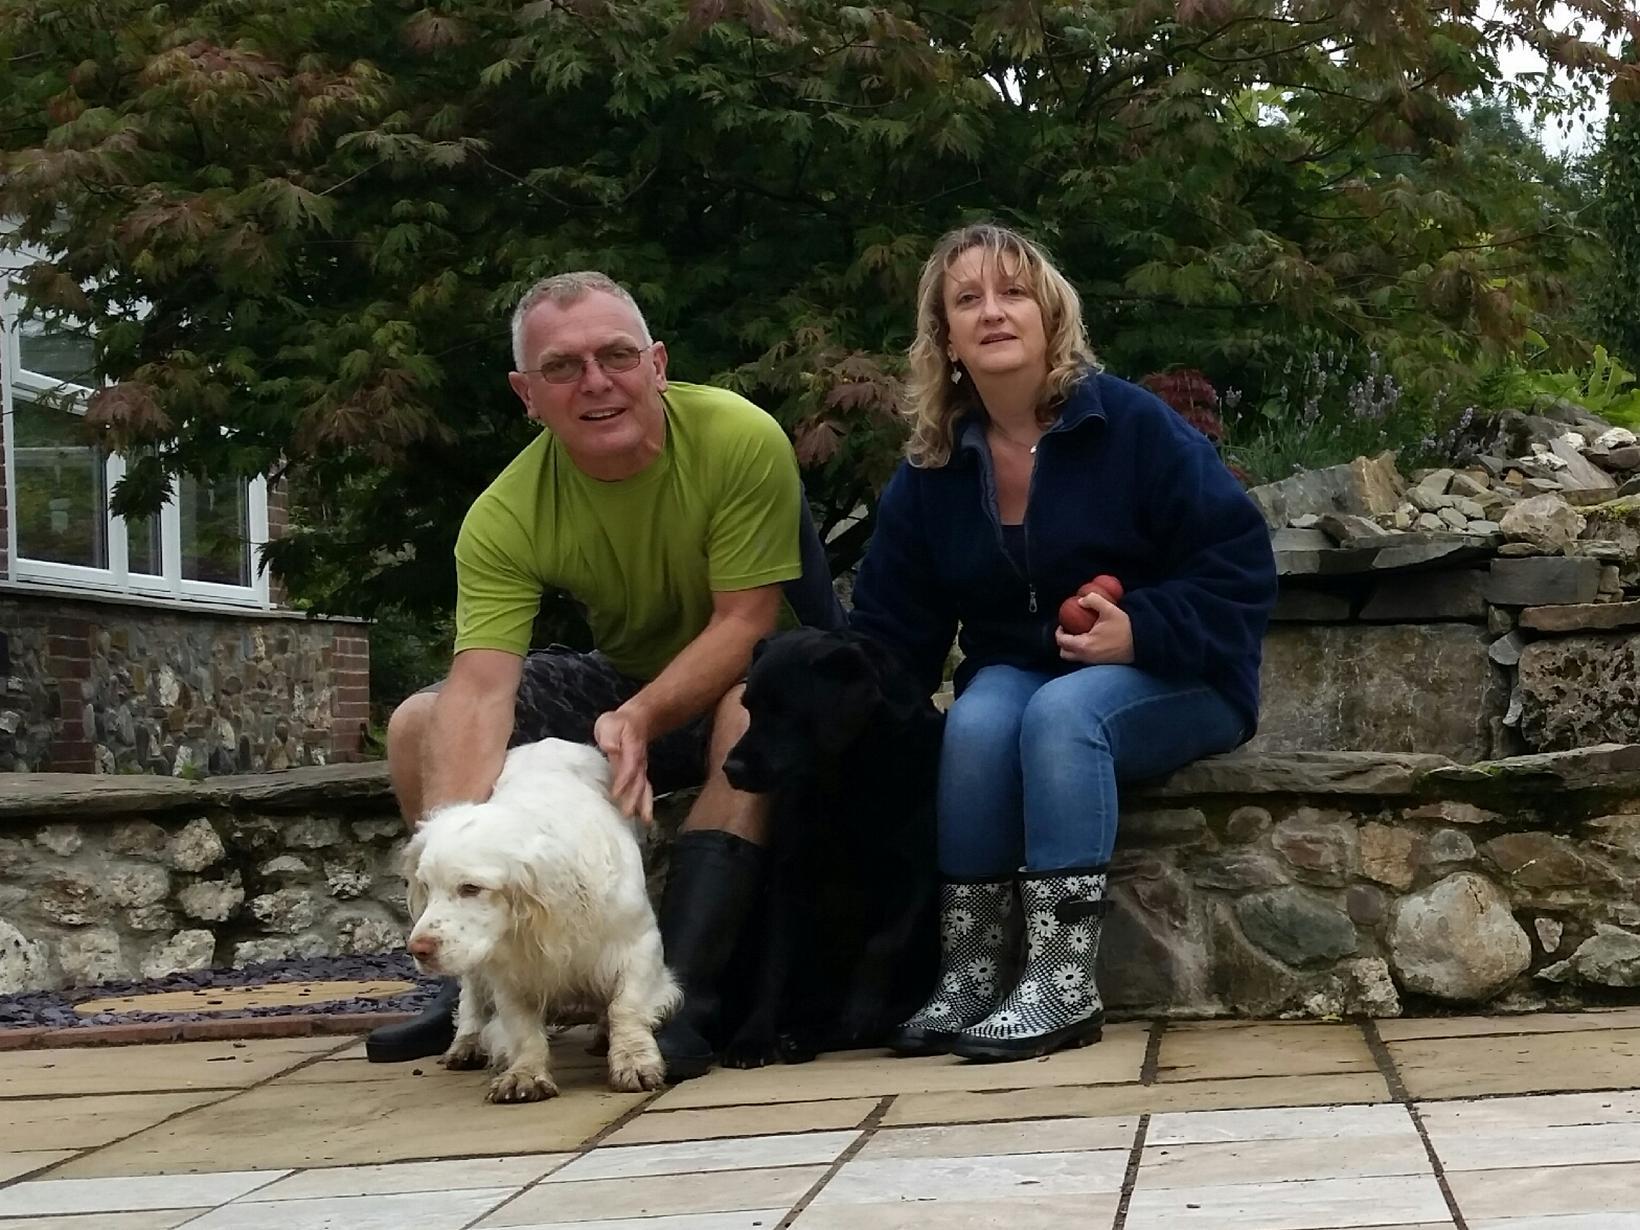 Debbie & Vince from Laindon, United Kingdom